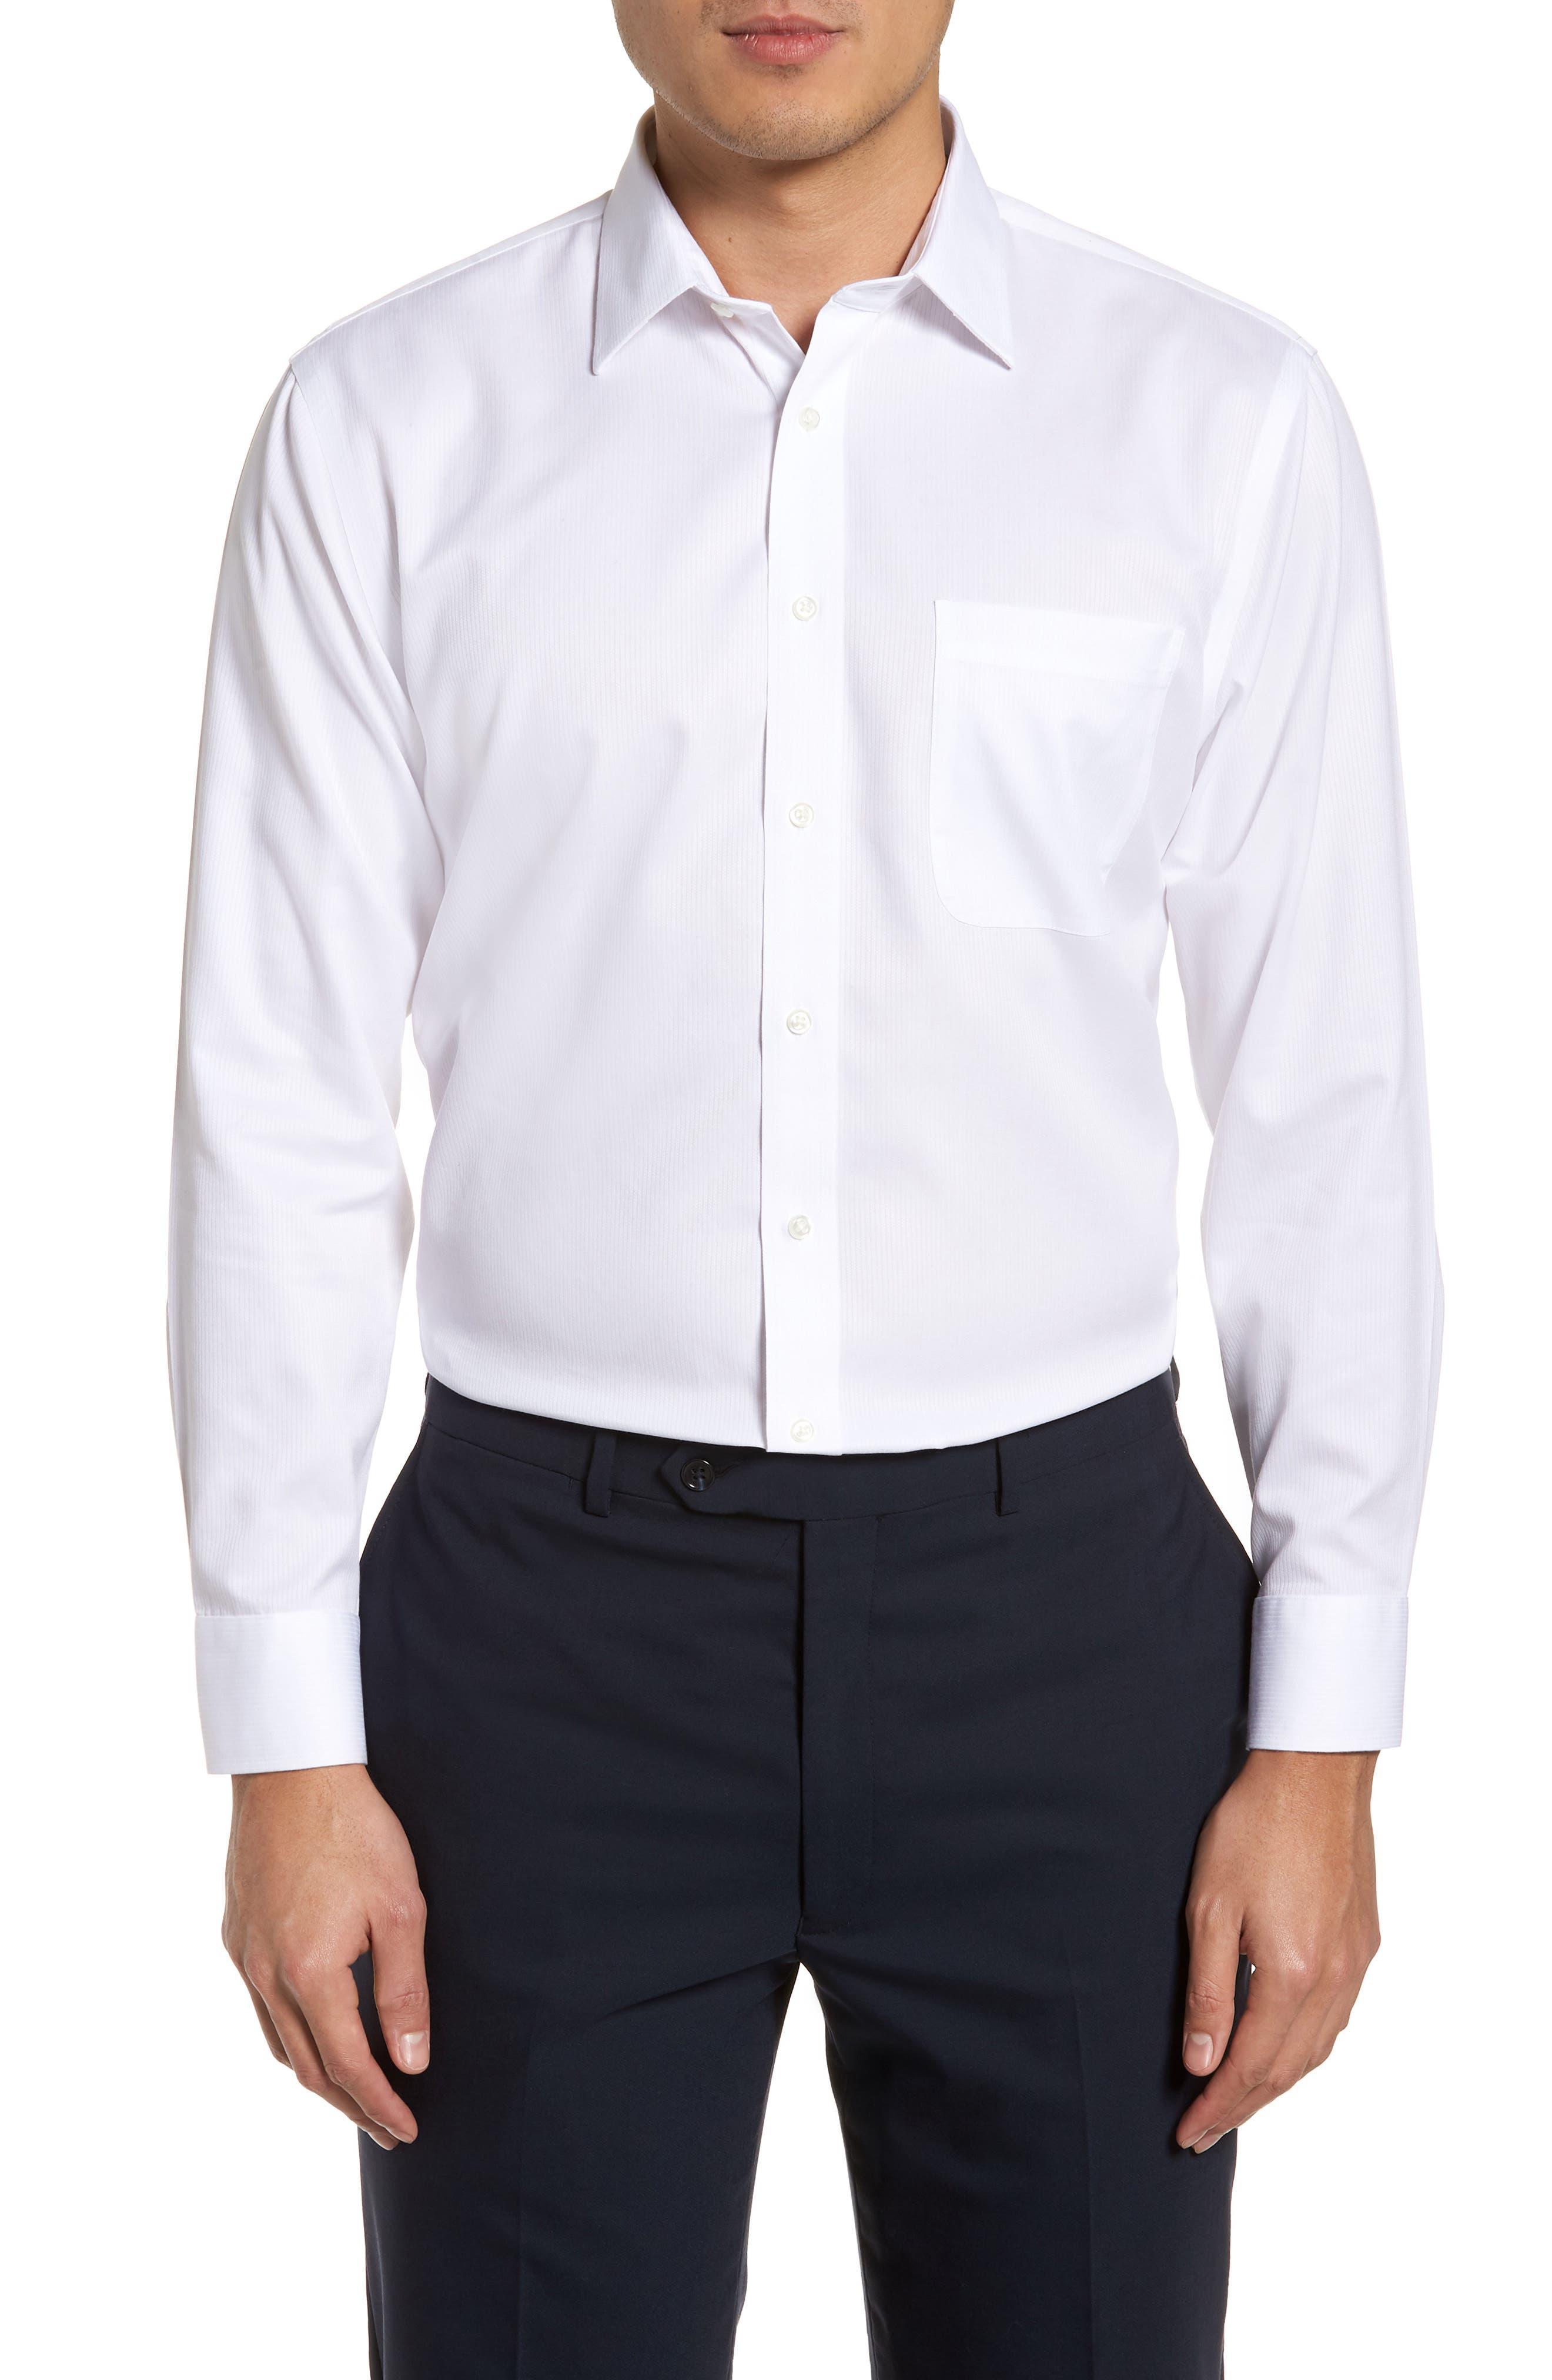 Main Image - Nordstrom Men's Shop Smartcare™ Trim Fit Dress Shirt